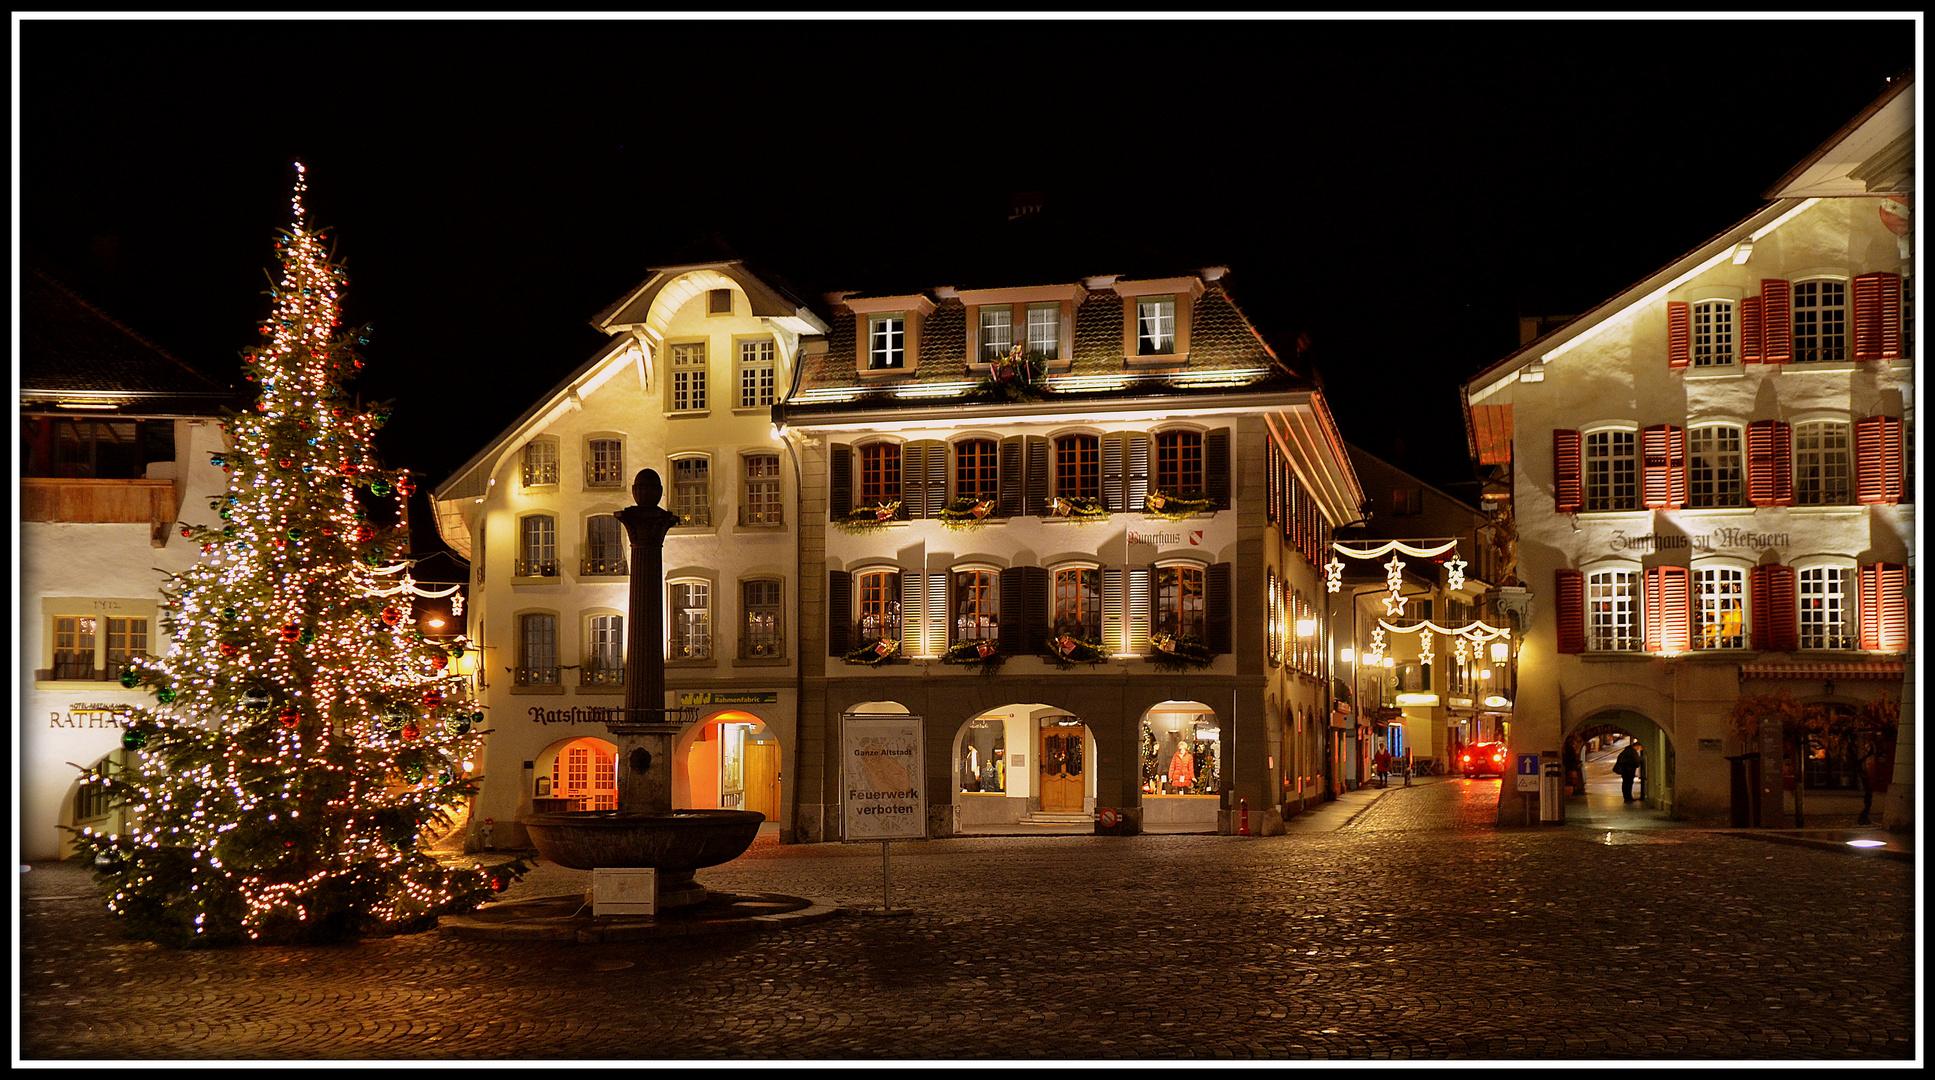 Frohe Weihnachten Schweiz.Frohe Weihnachten Foto Bild Europe Schweiz Liechtenstein Kt